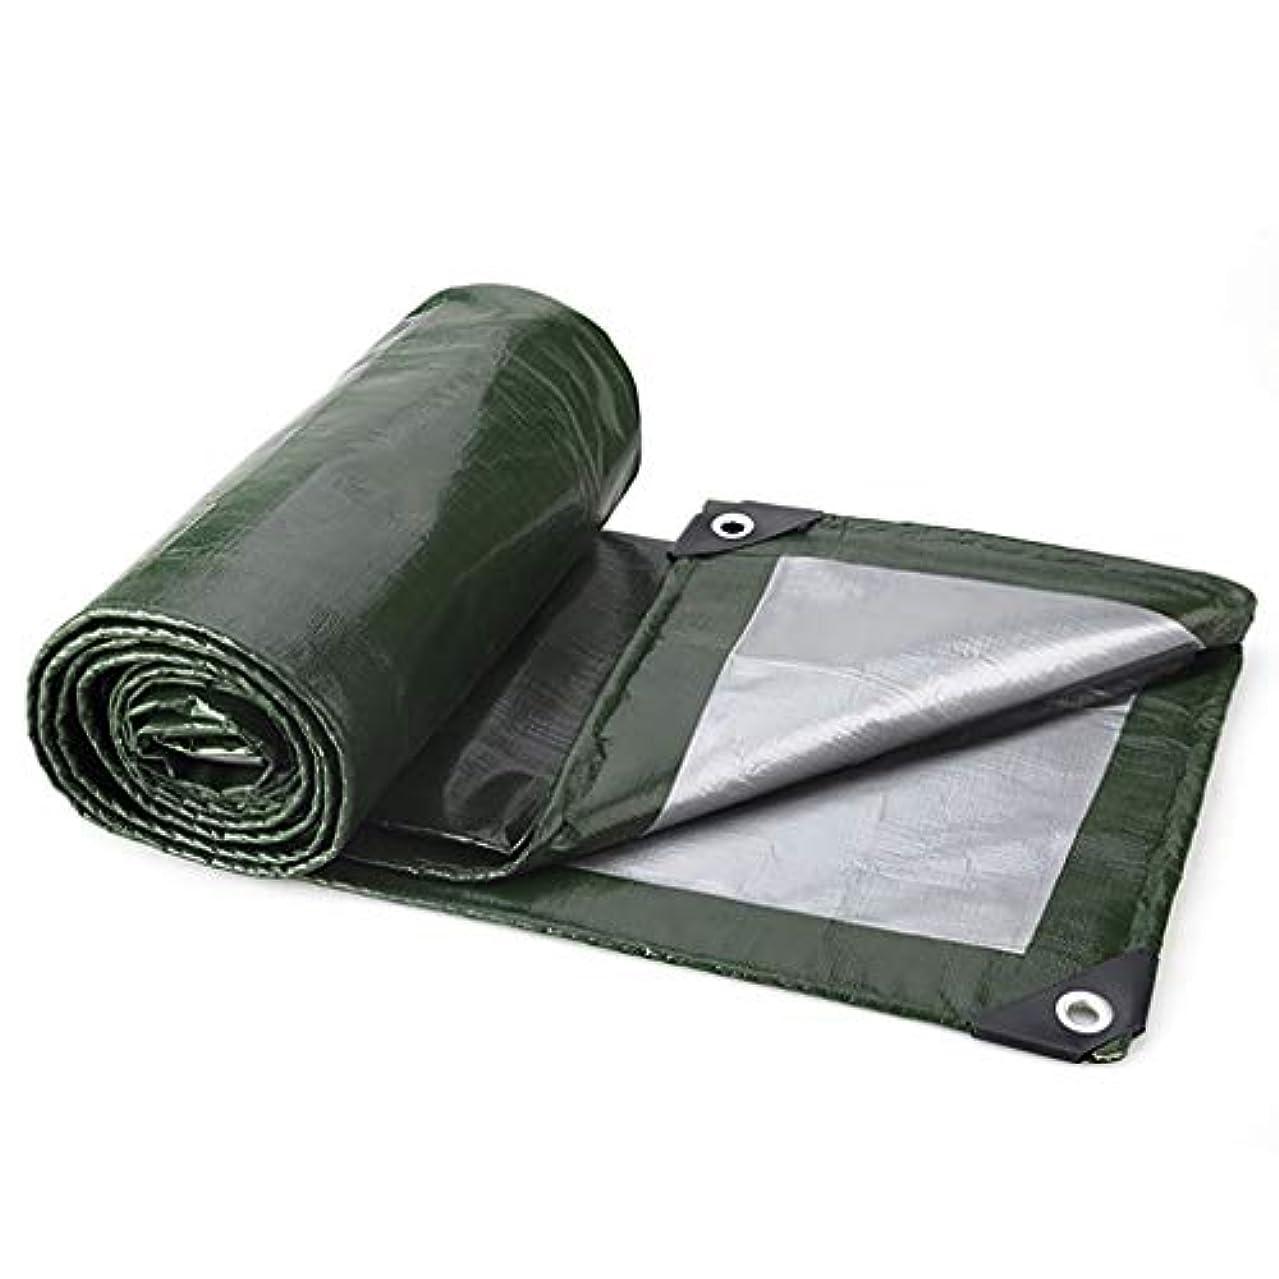 に対応ヘア設計タープ 風雨を防ぐキャンプ用防水シート、ポリプロピレン製防水シート、防水加工、酸化防止、軽量 テント (Color : Green and Silver, Size : 4m×4m)